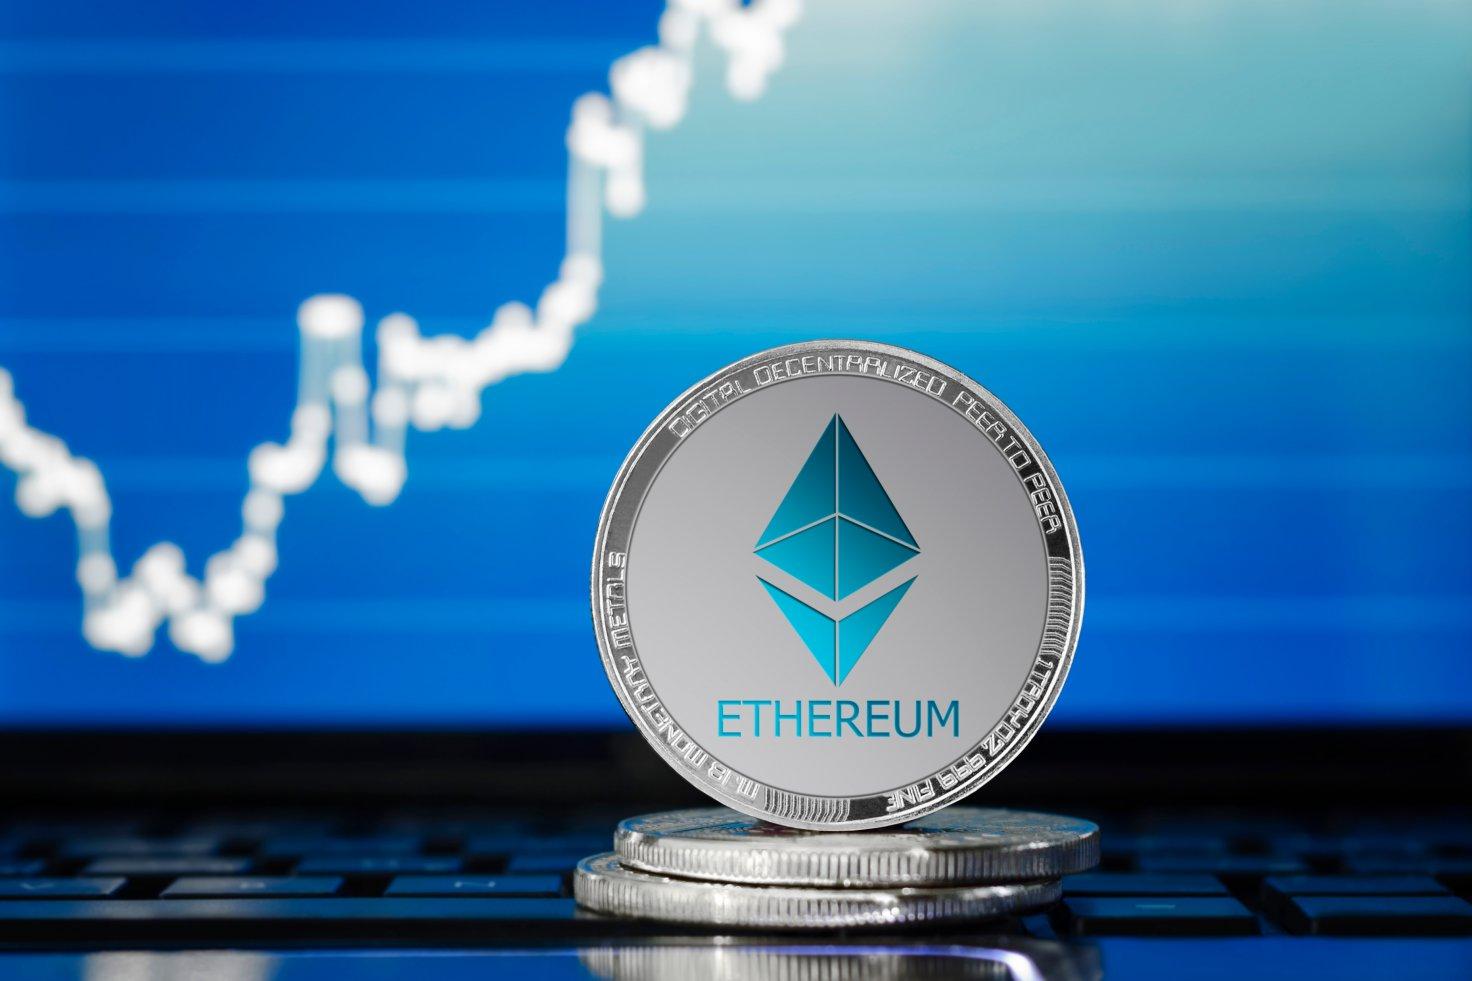 Количество Ethereum-кошельков с балансом >1 ETH приросло за год на 341 тыс. штук